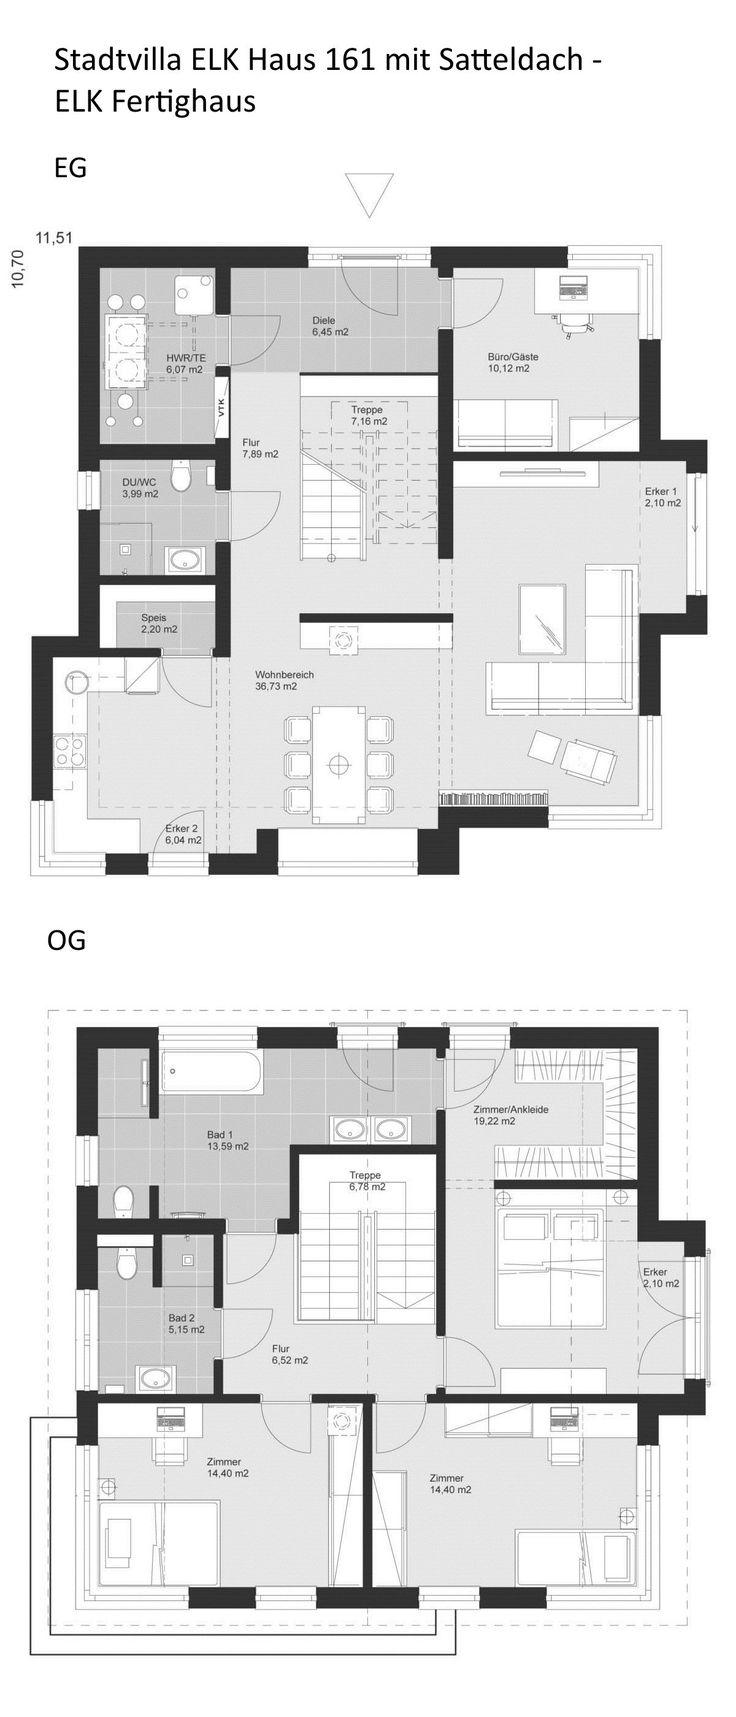 Grundriss Einfamilienhaus im Landhausstil mit Satt…